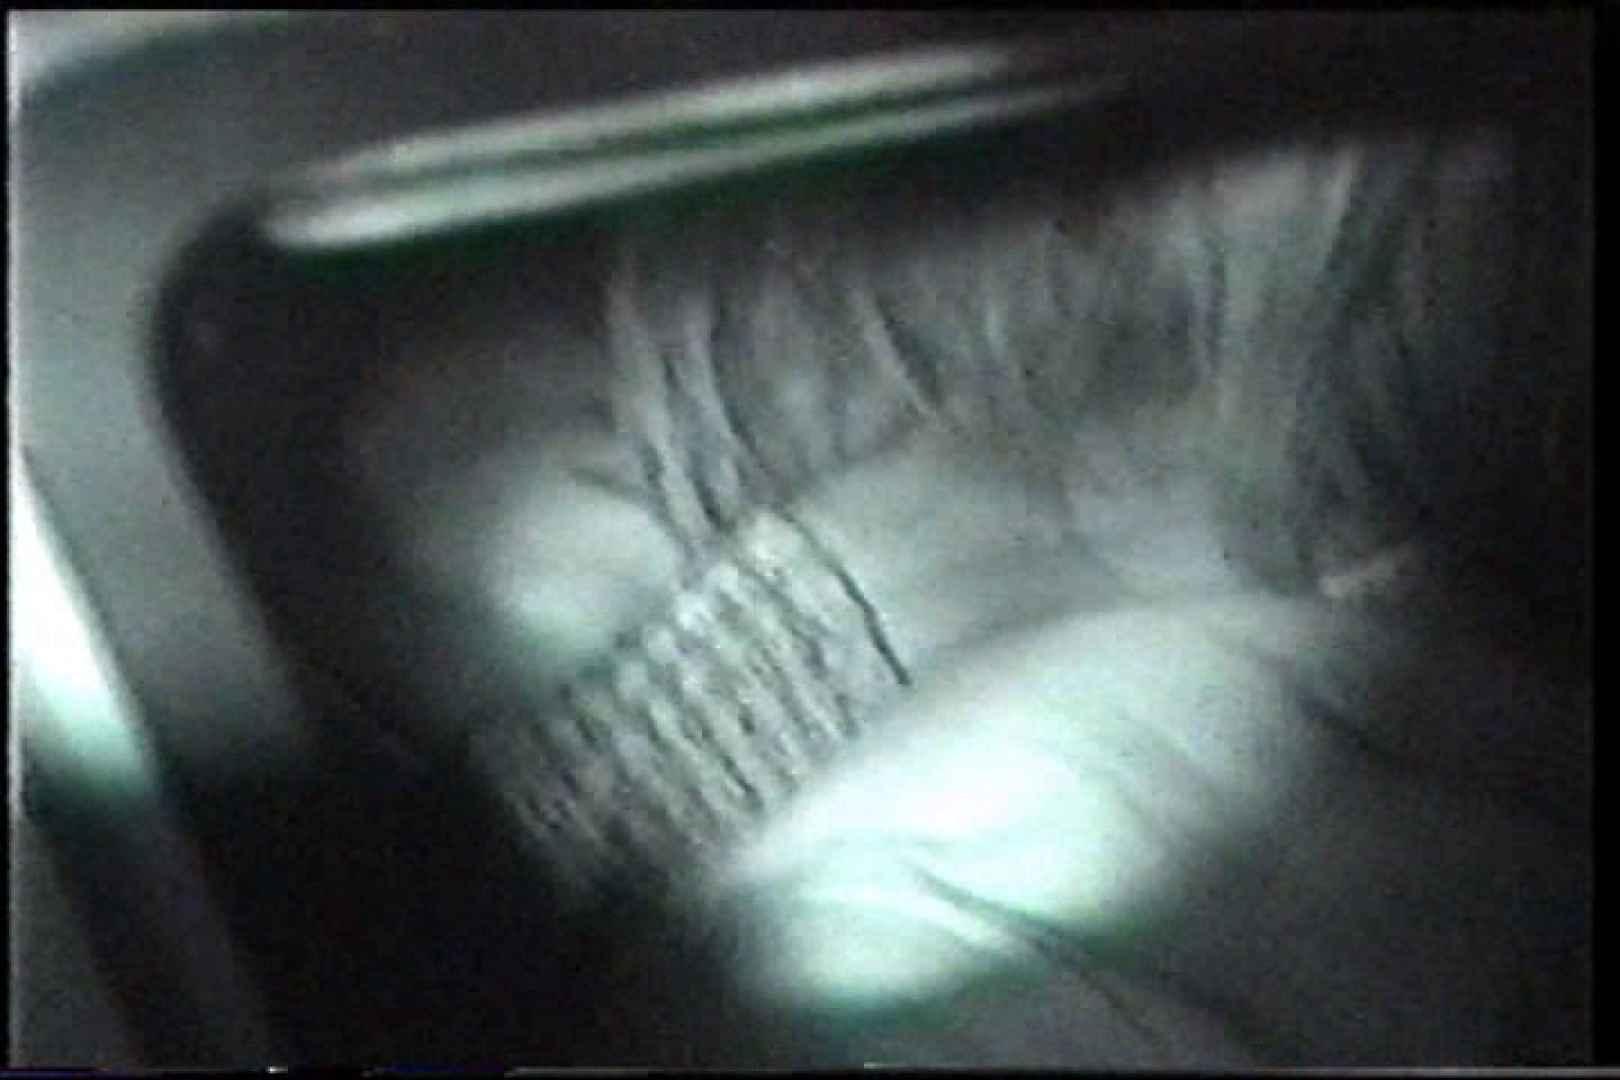 充血監督の深夜の運動会Vol.214 後編. カップル記念日 盗み撮り動画キャプチャ 71連発 18